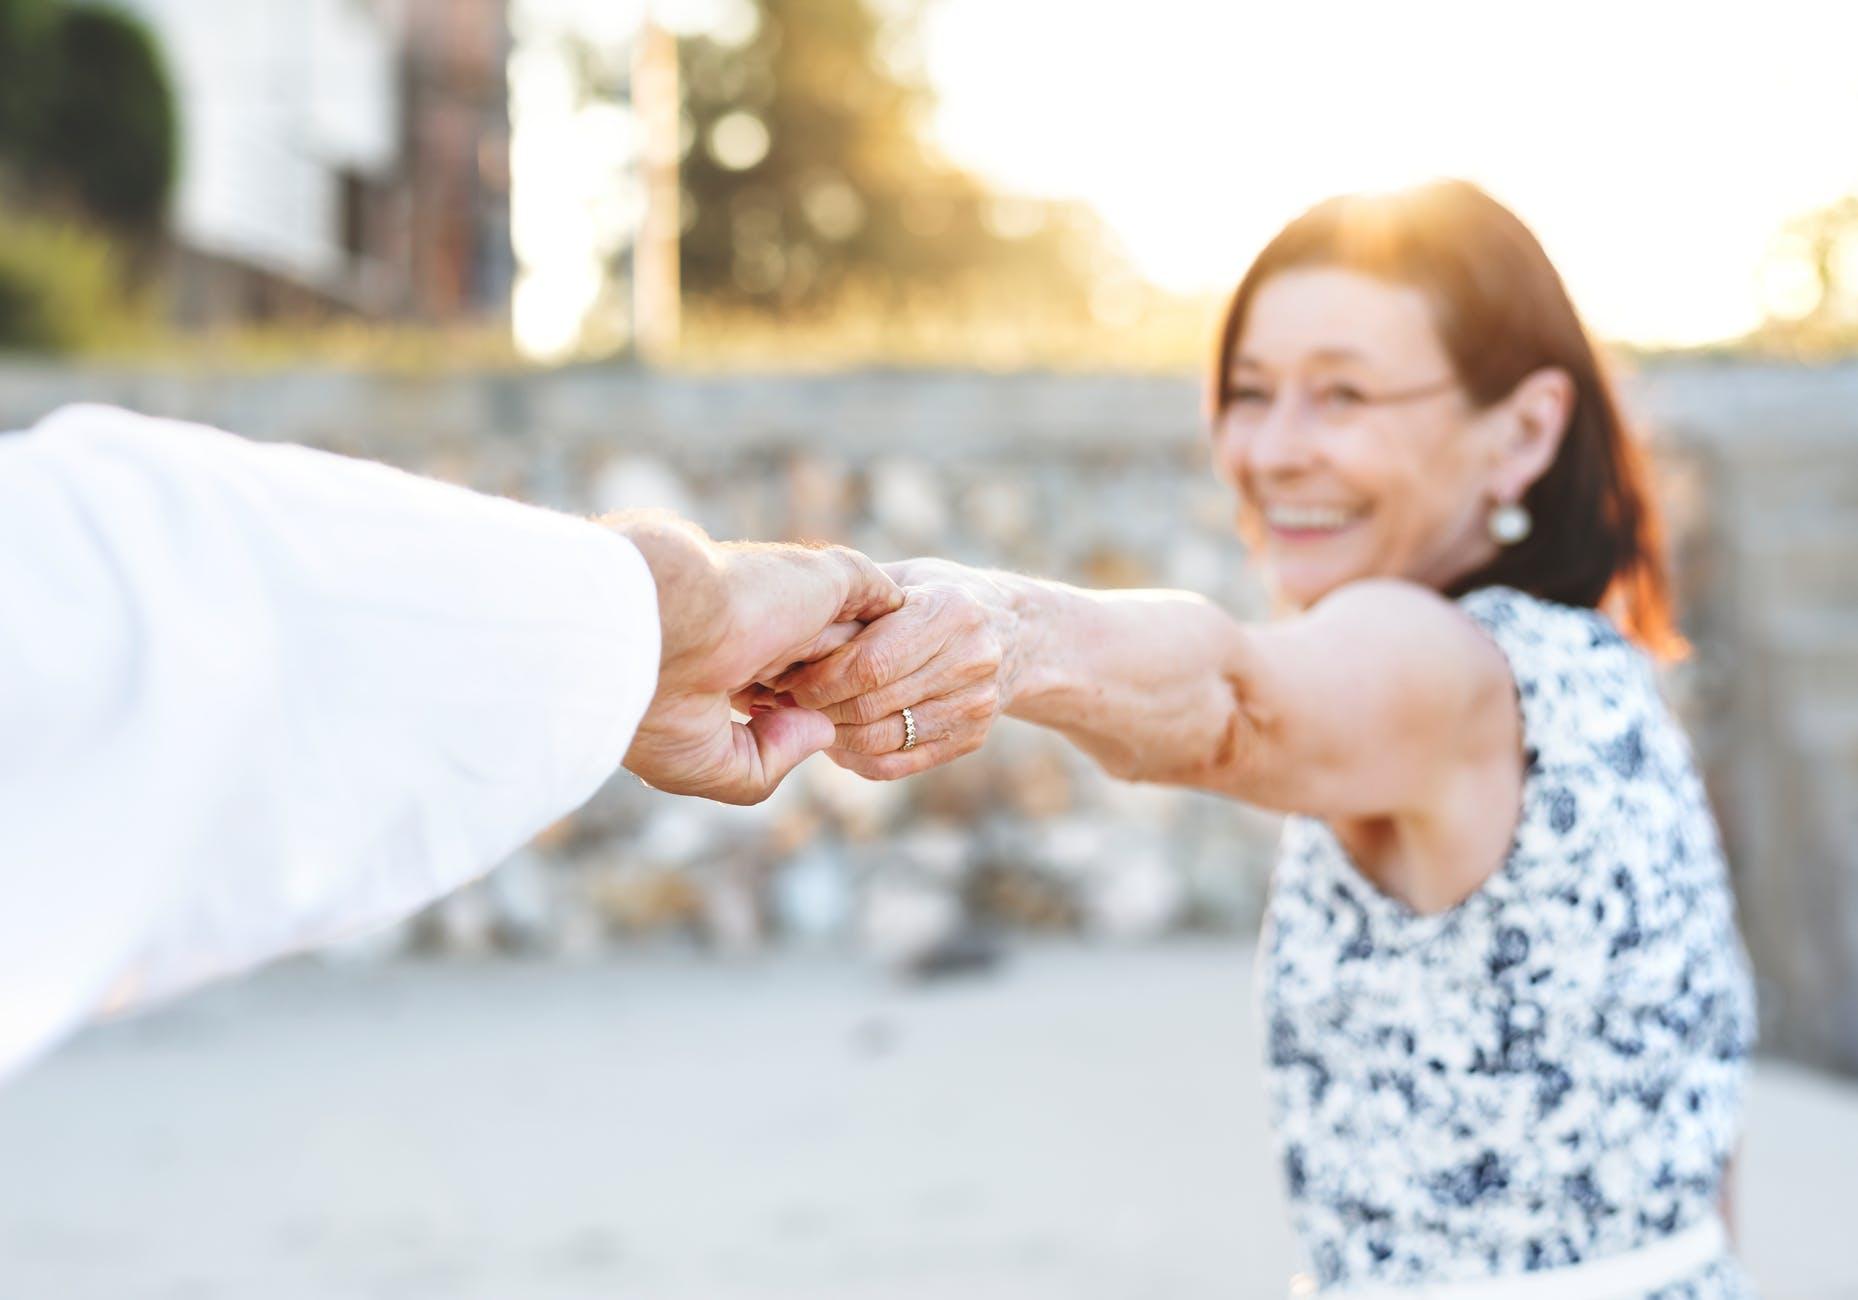 zena stariji zdravlje smijeh aktivnost ljubav menopauza stres hormon